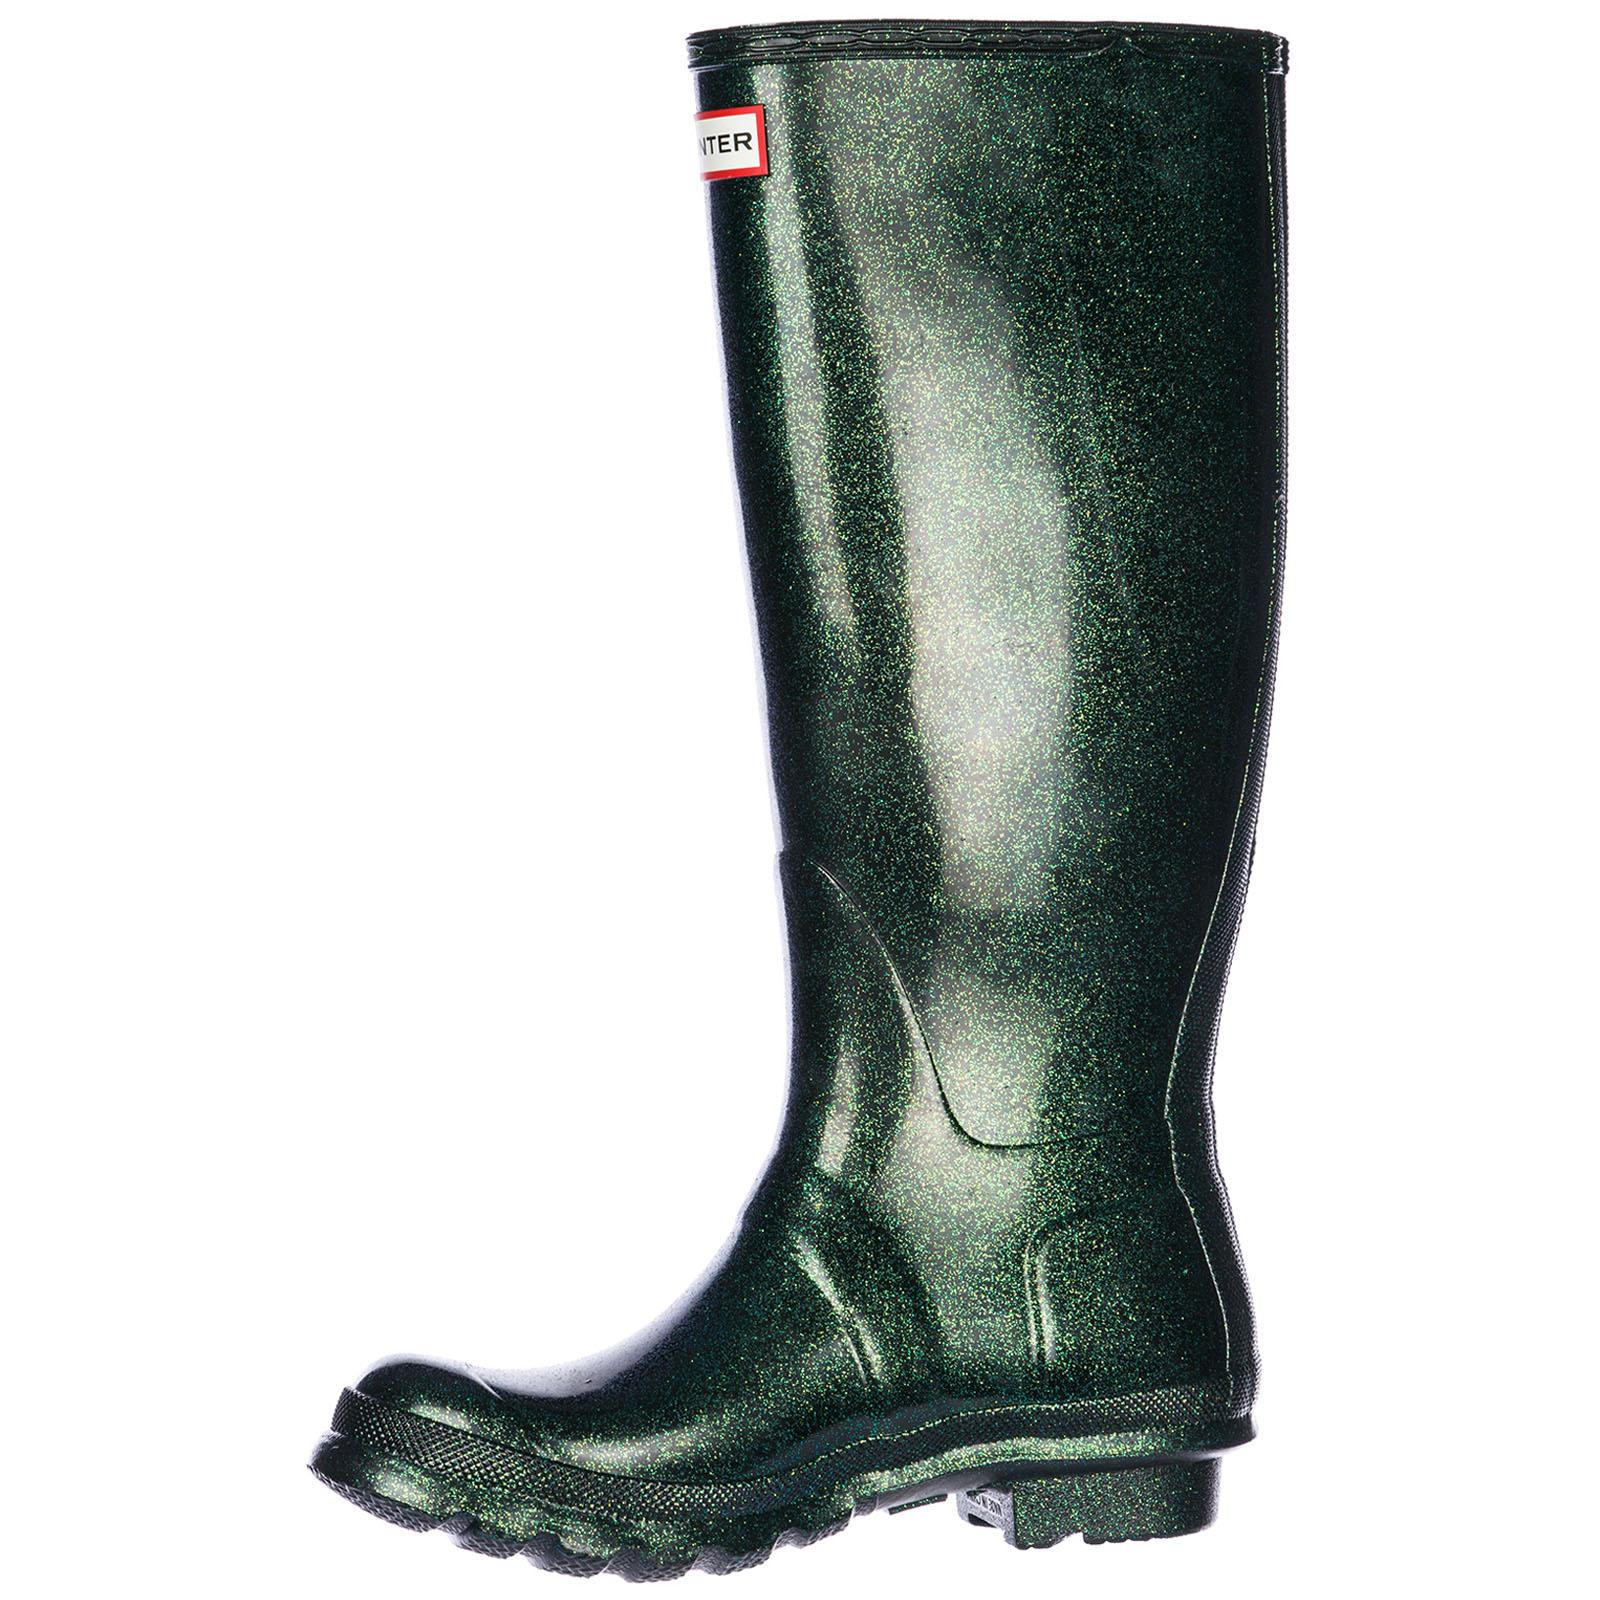 Gummi regen stiefel damen boots original starcloud tall